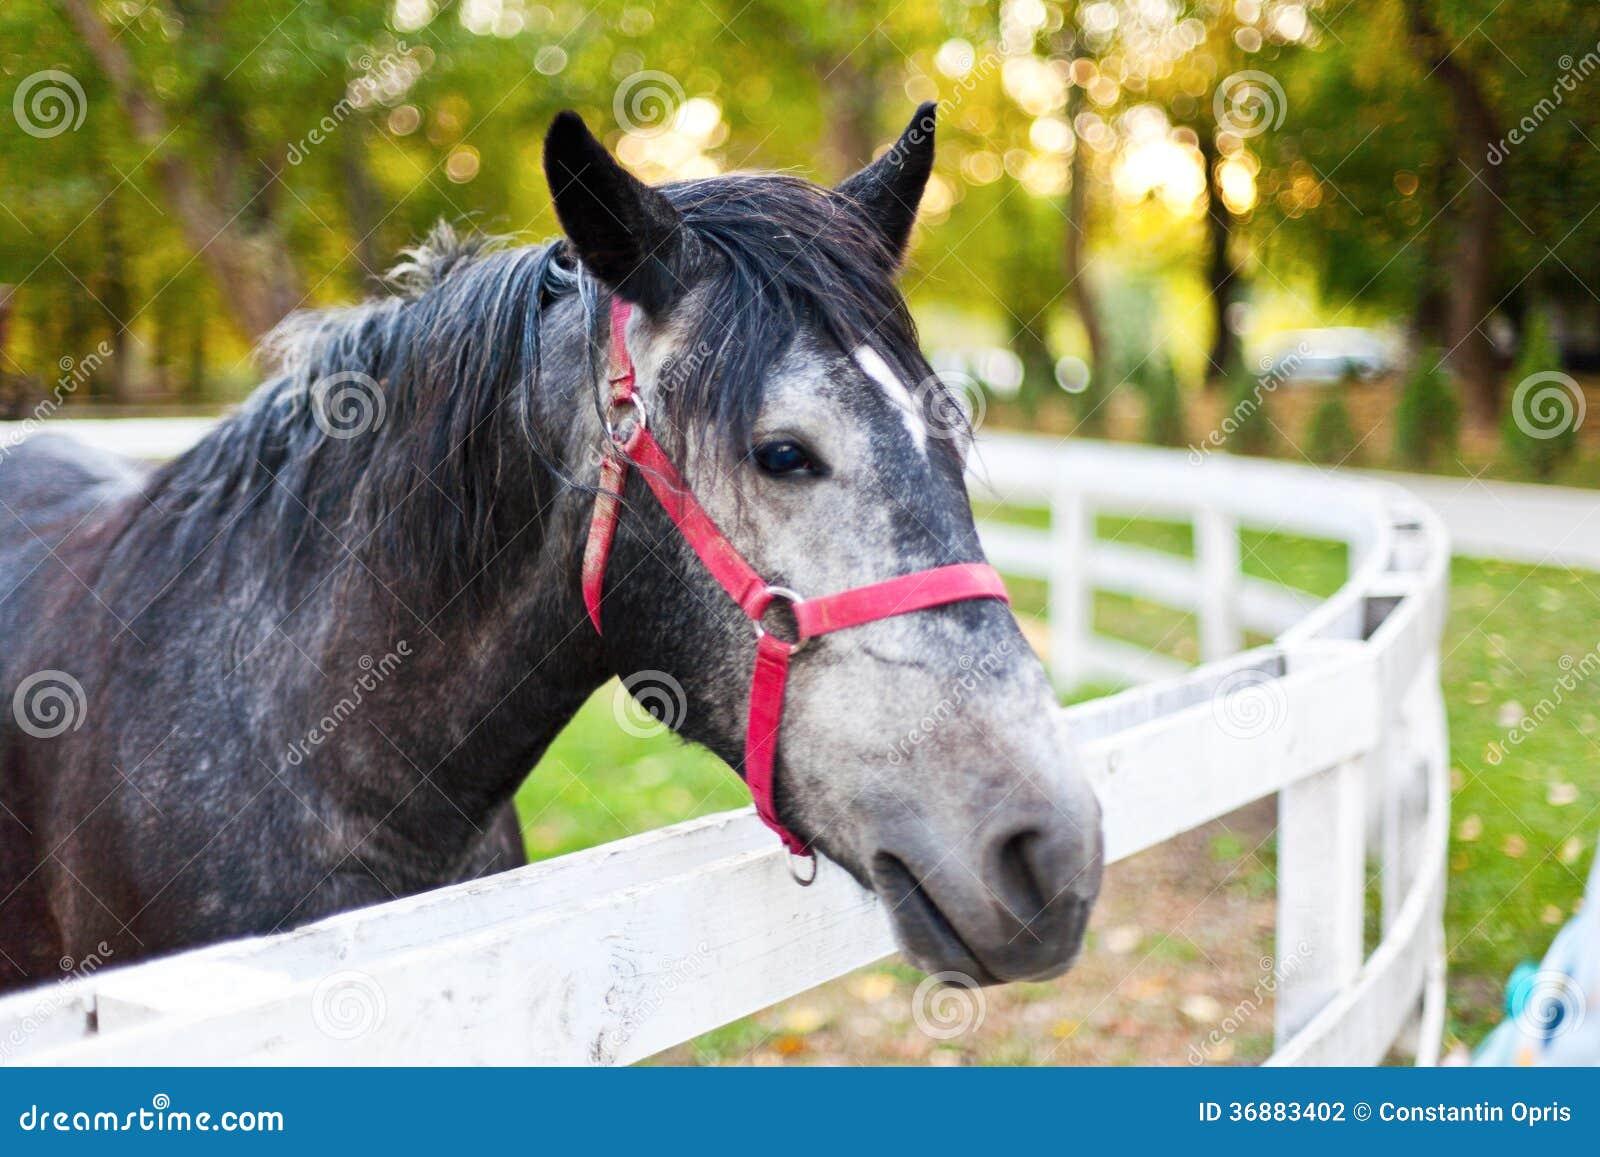 Download Cavallo in penna fotografia stock. Immagine di parco - 36883402